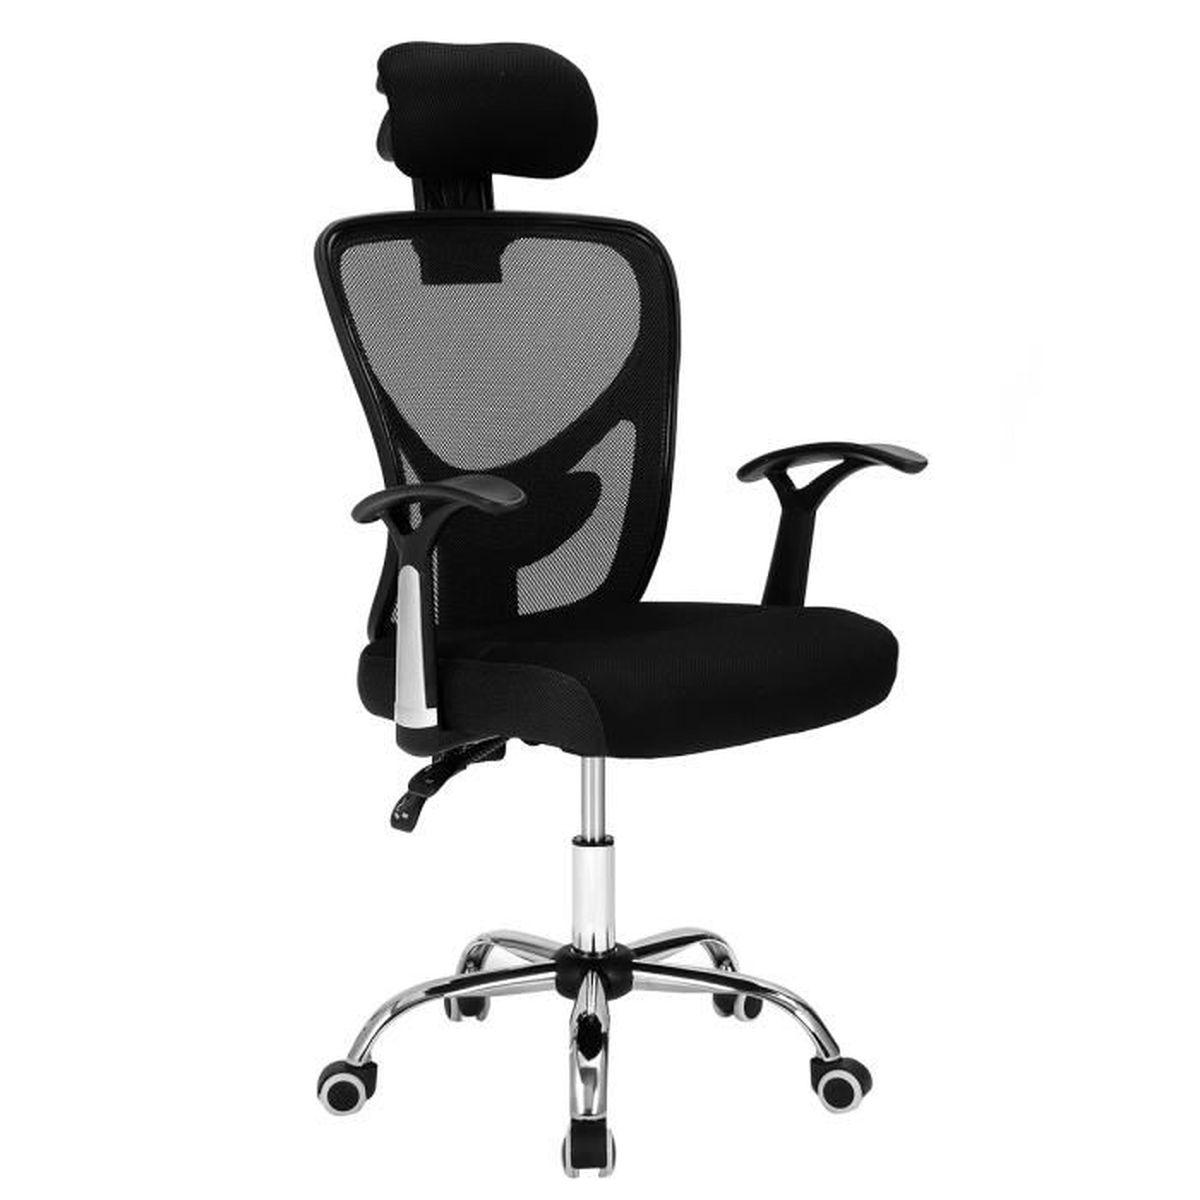 Chaise de bureau si ge fauteuil hauteur et inclinaison for Siege de cuisine hauteur